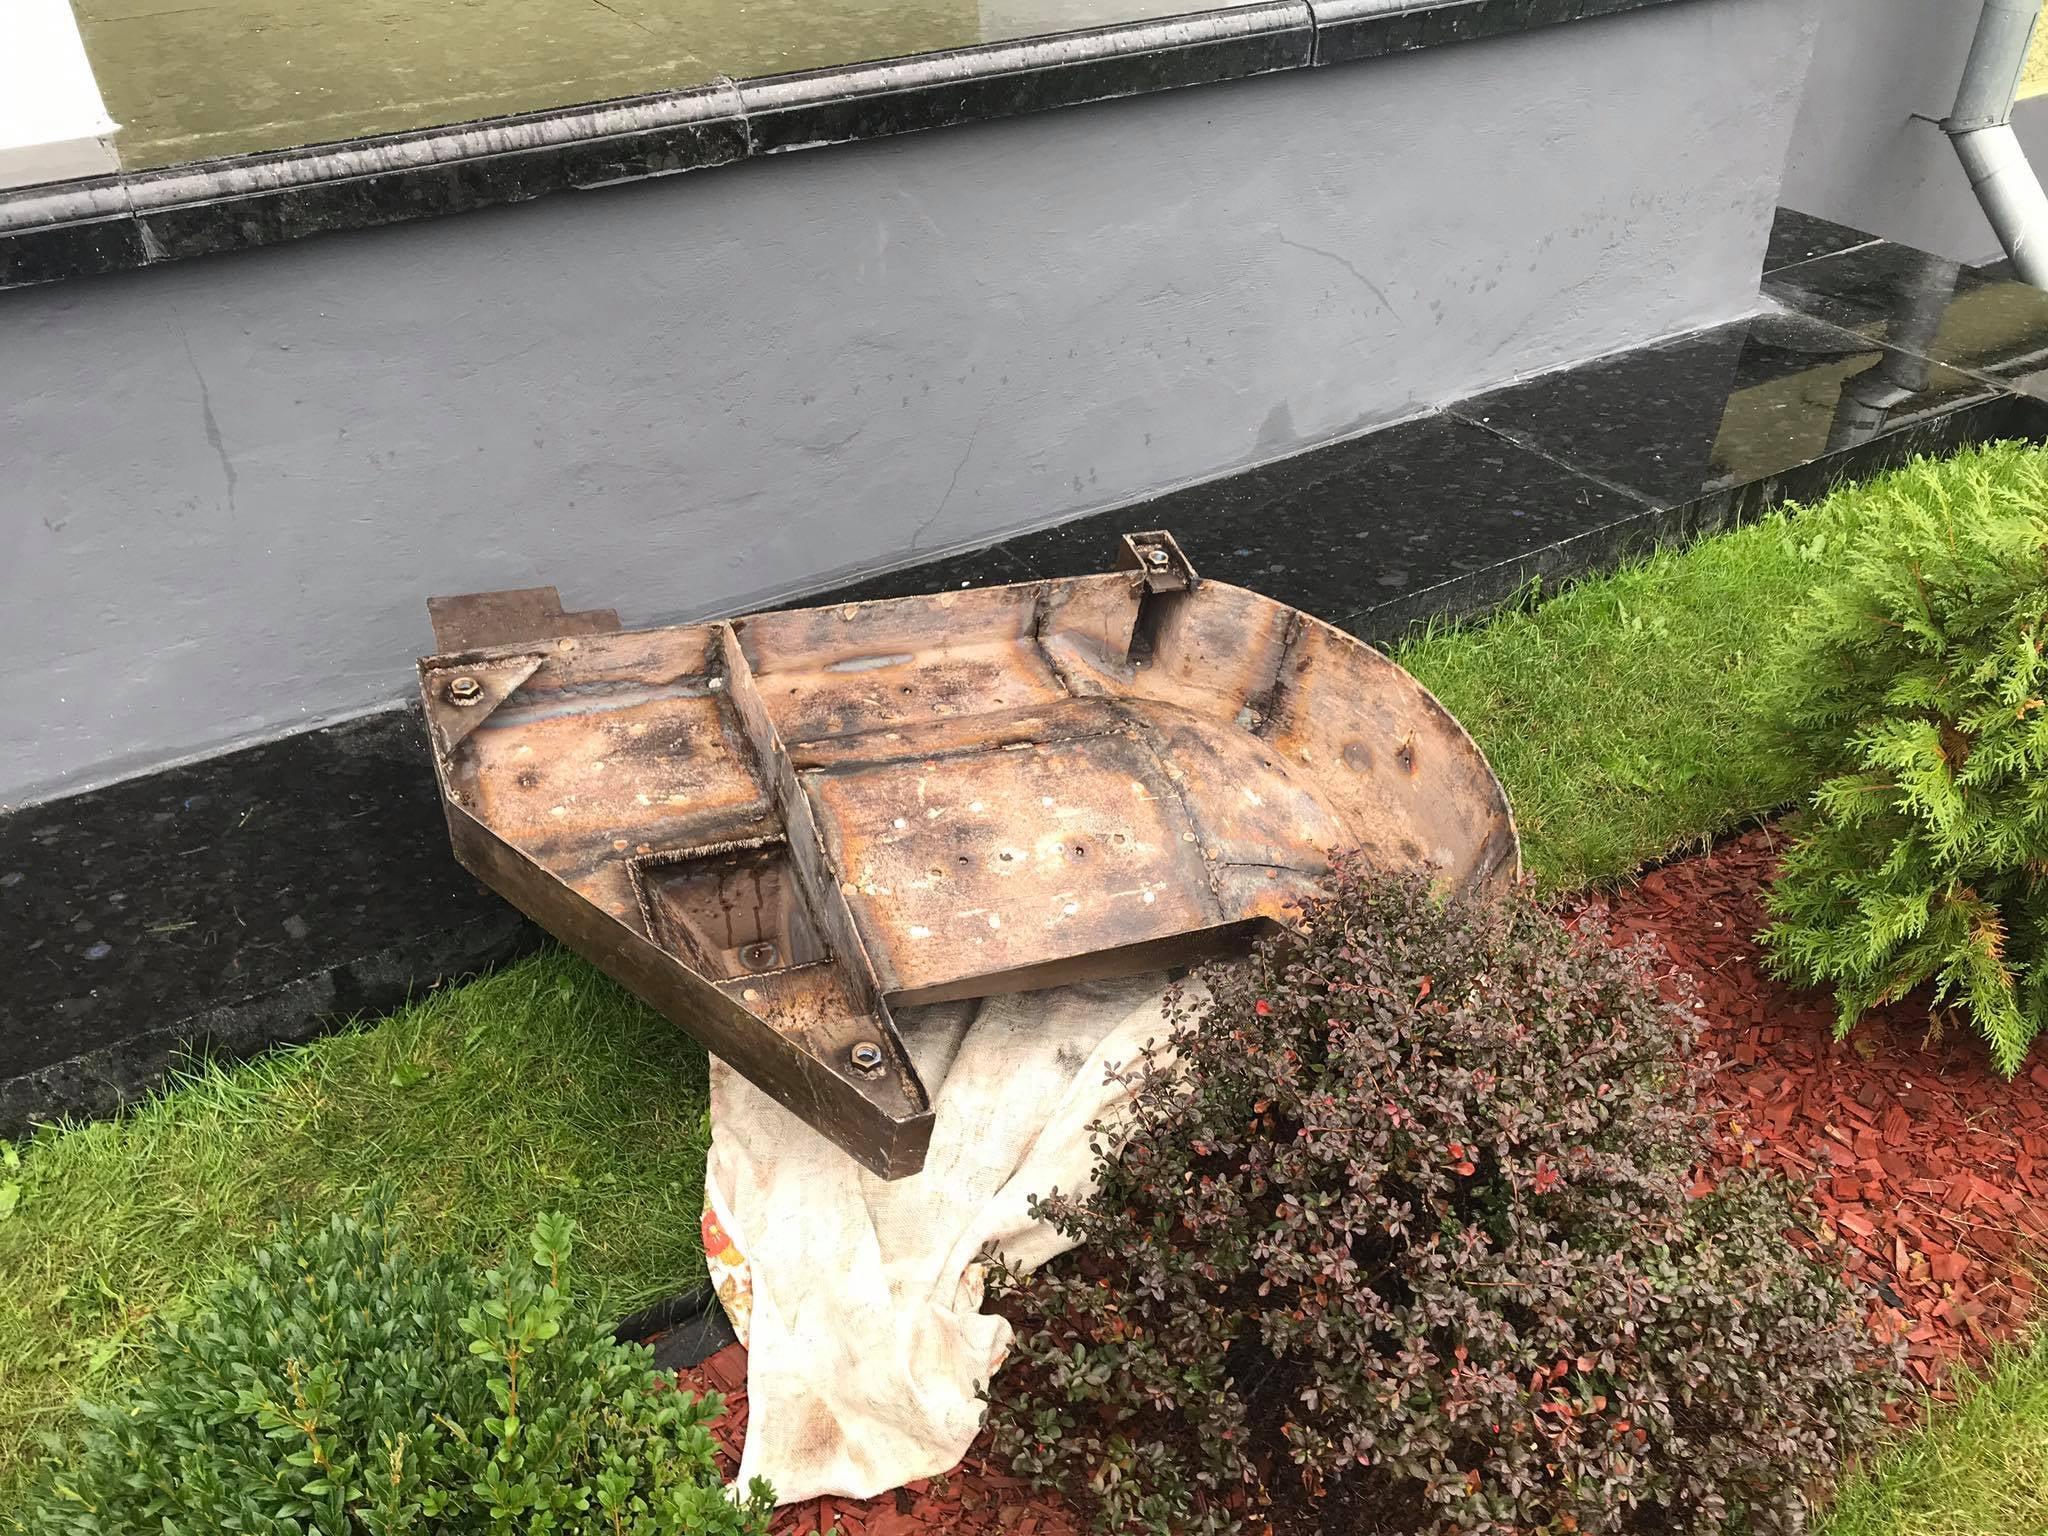 У Чернігові почали встановлювати меморіальну дошку з барельєфом колишнього міського голови Хижнякова